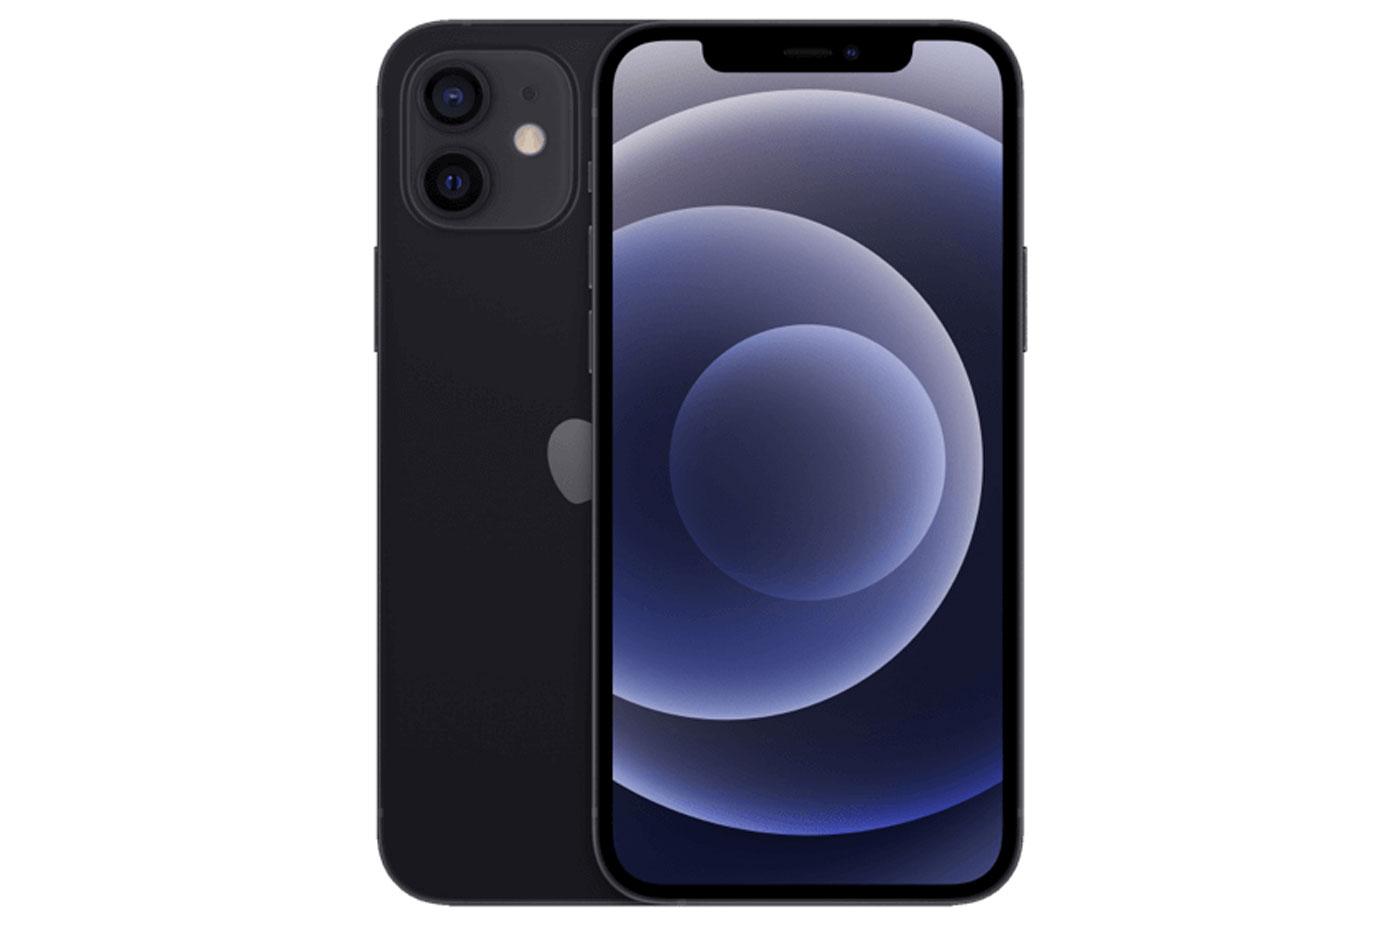 Bon plan : le nouvel iPhone 12 en chute libre chez Cdiscount 🔥 - Presse-citron